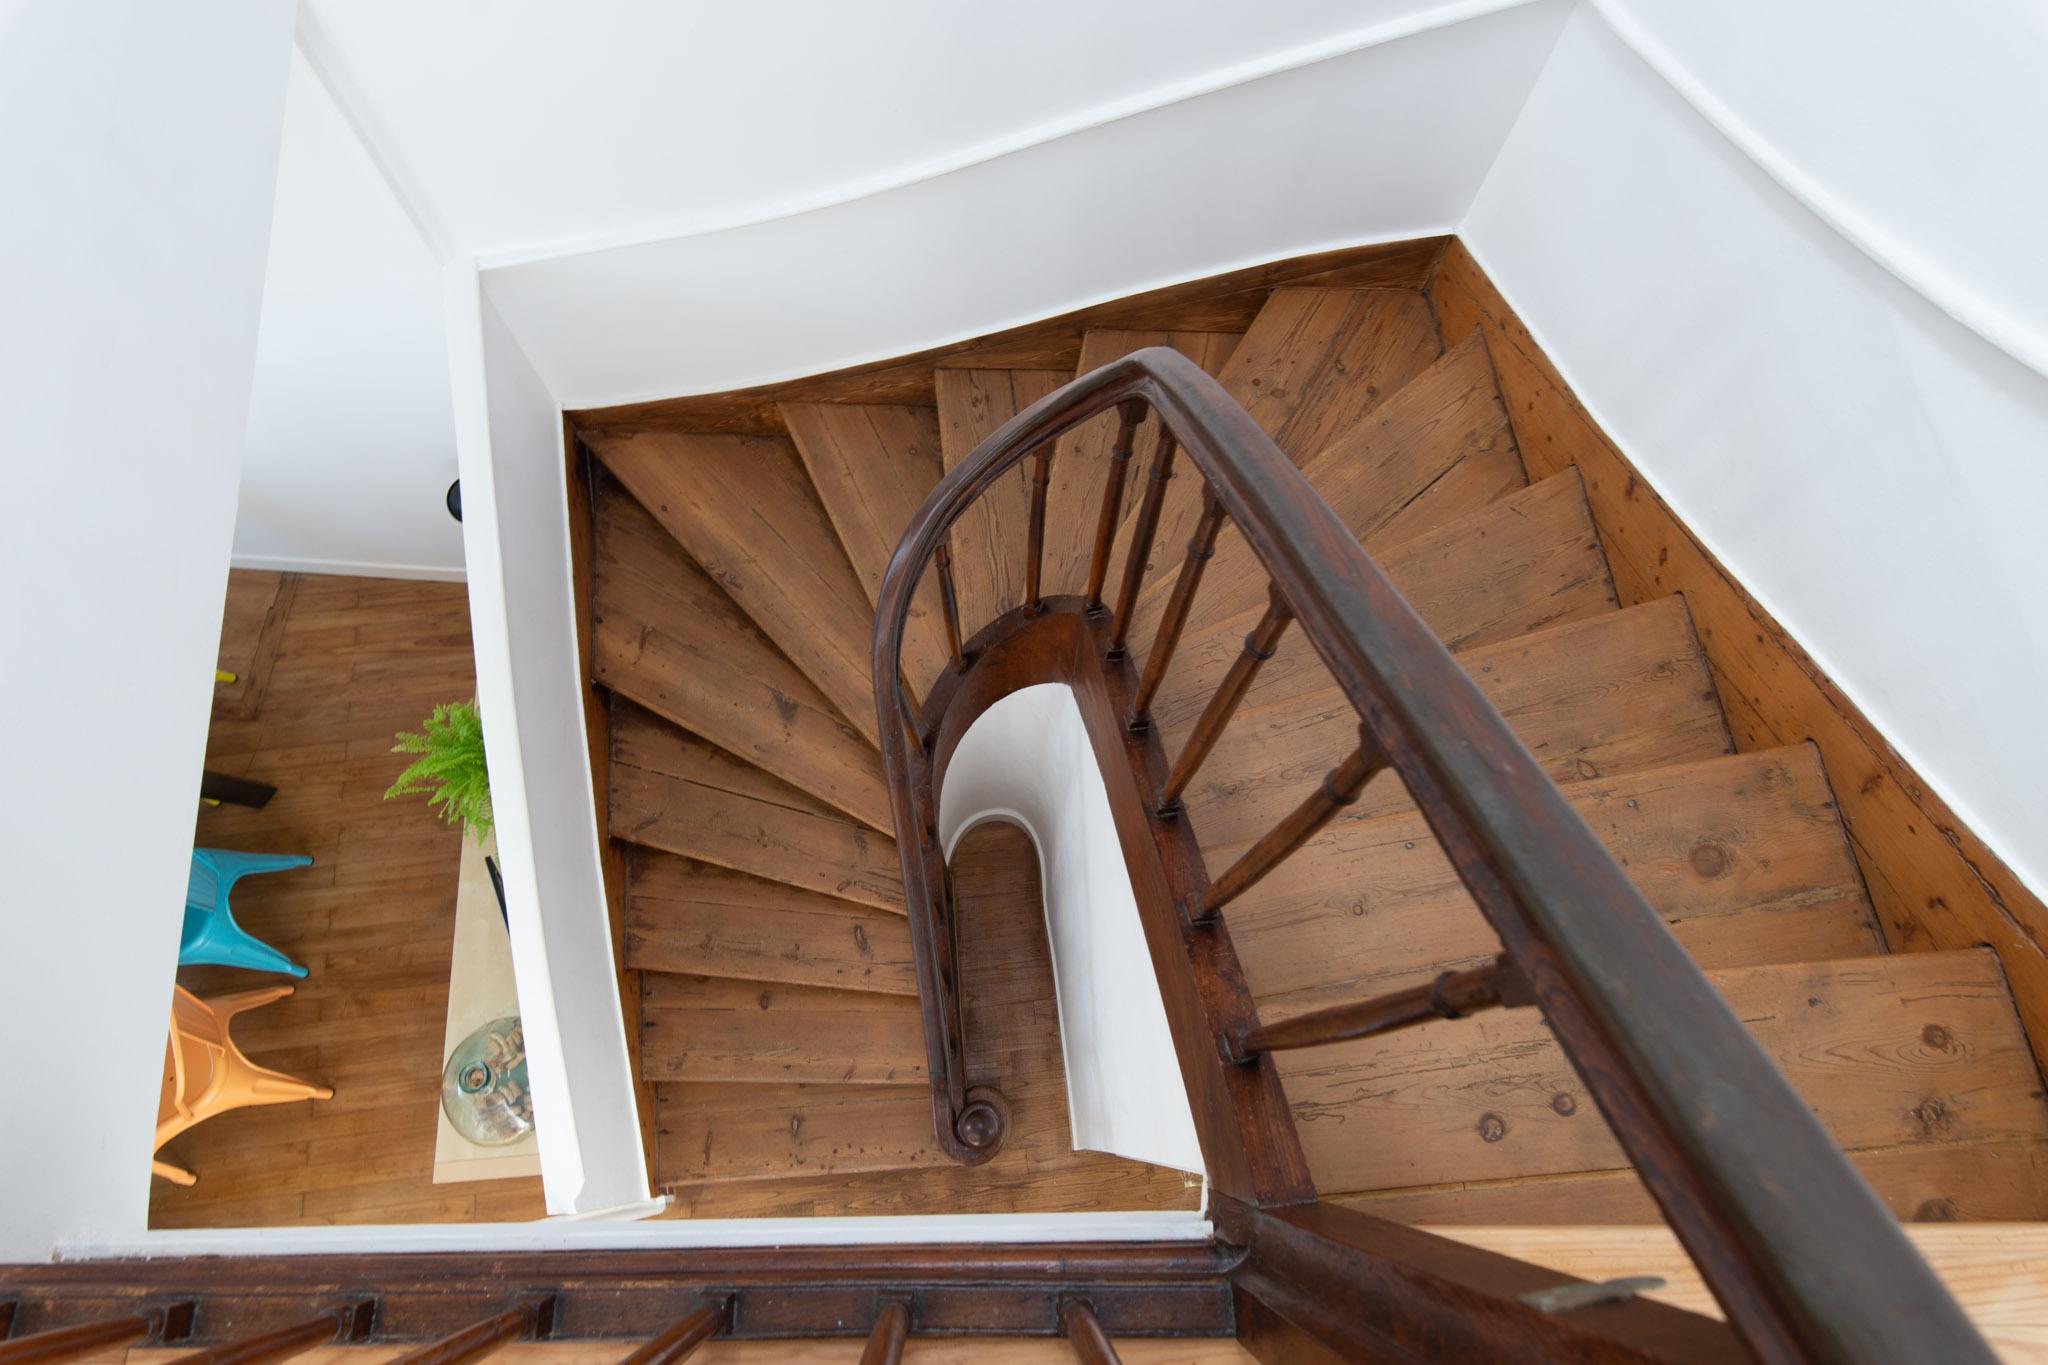 Escalier Dans Maison Ancienne renovation-amenagement-decoration-ameublement-agencement